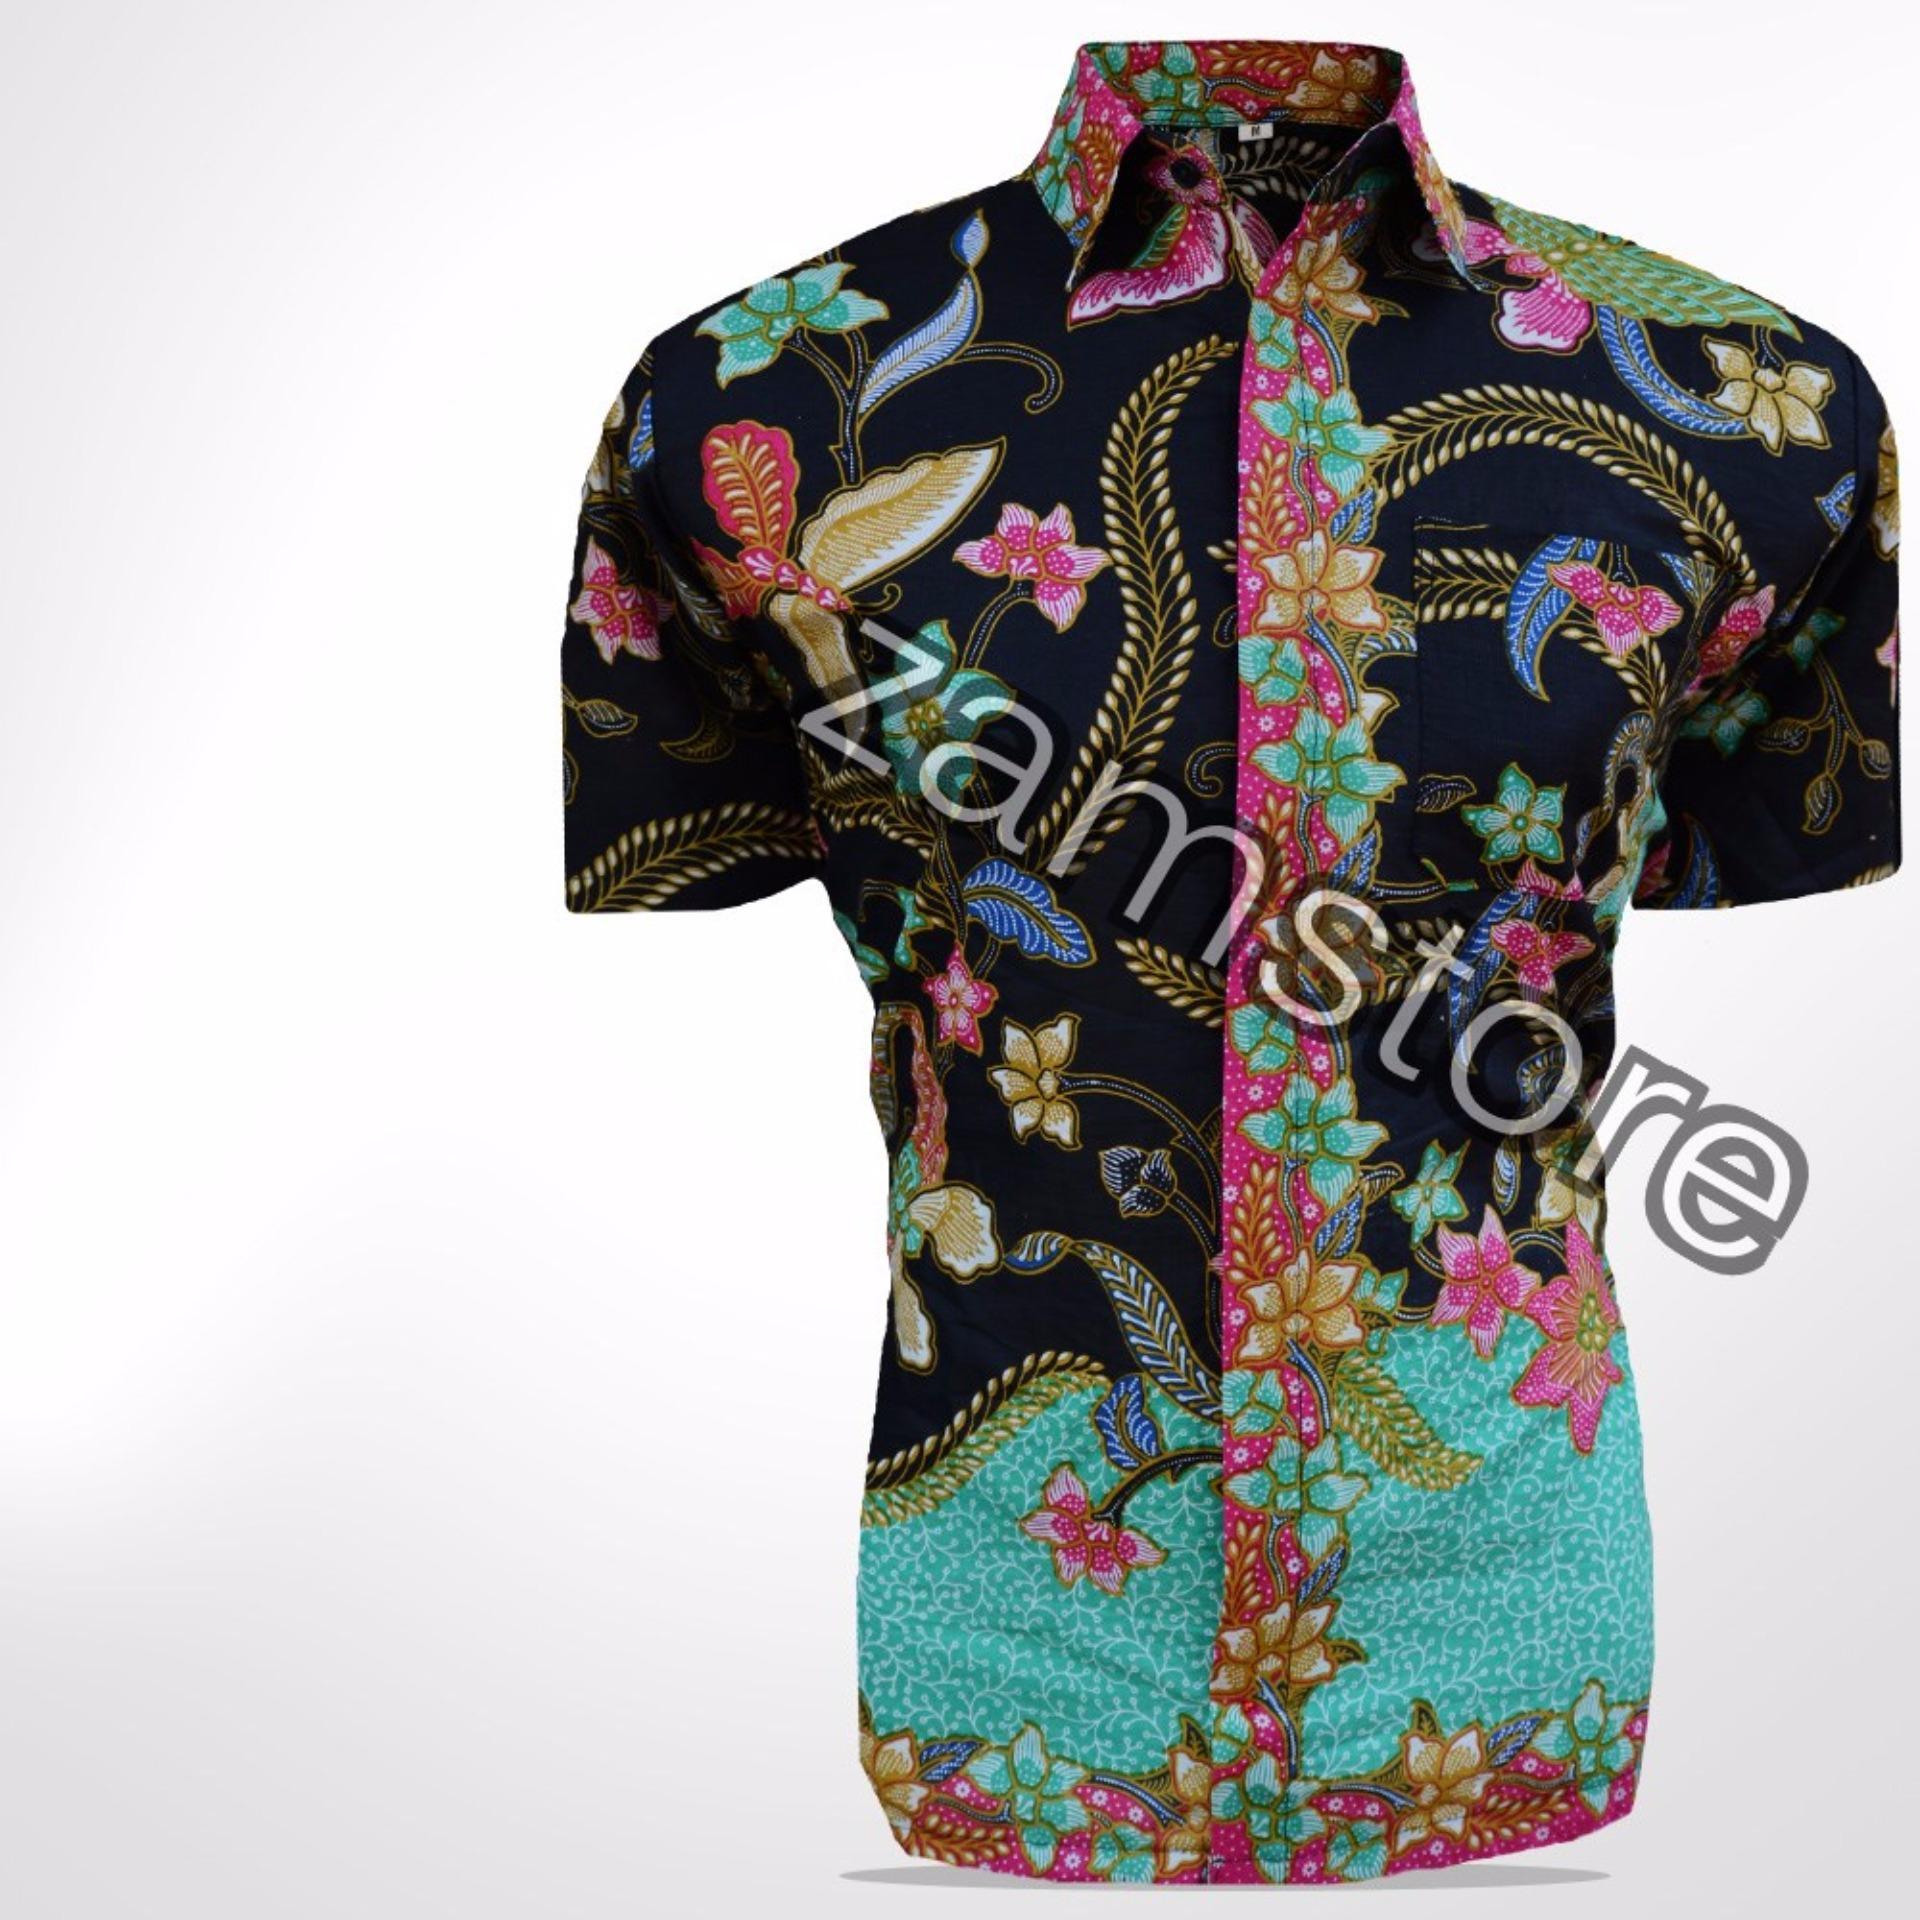 Bahan Kualitas Tinggi Baju Batik Pria Eksklusif Kemeja Lengan Pendek Modern Motif Kembang Kenangan Warna Hitam